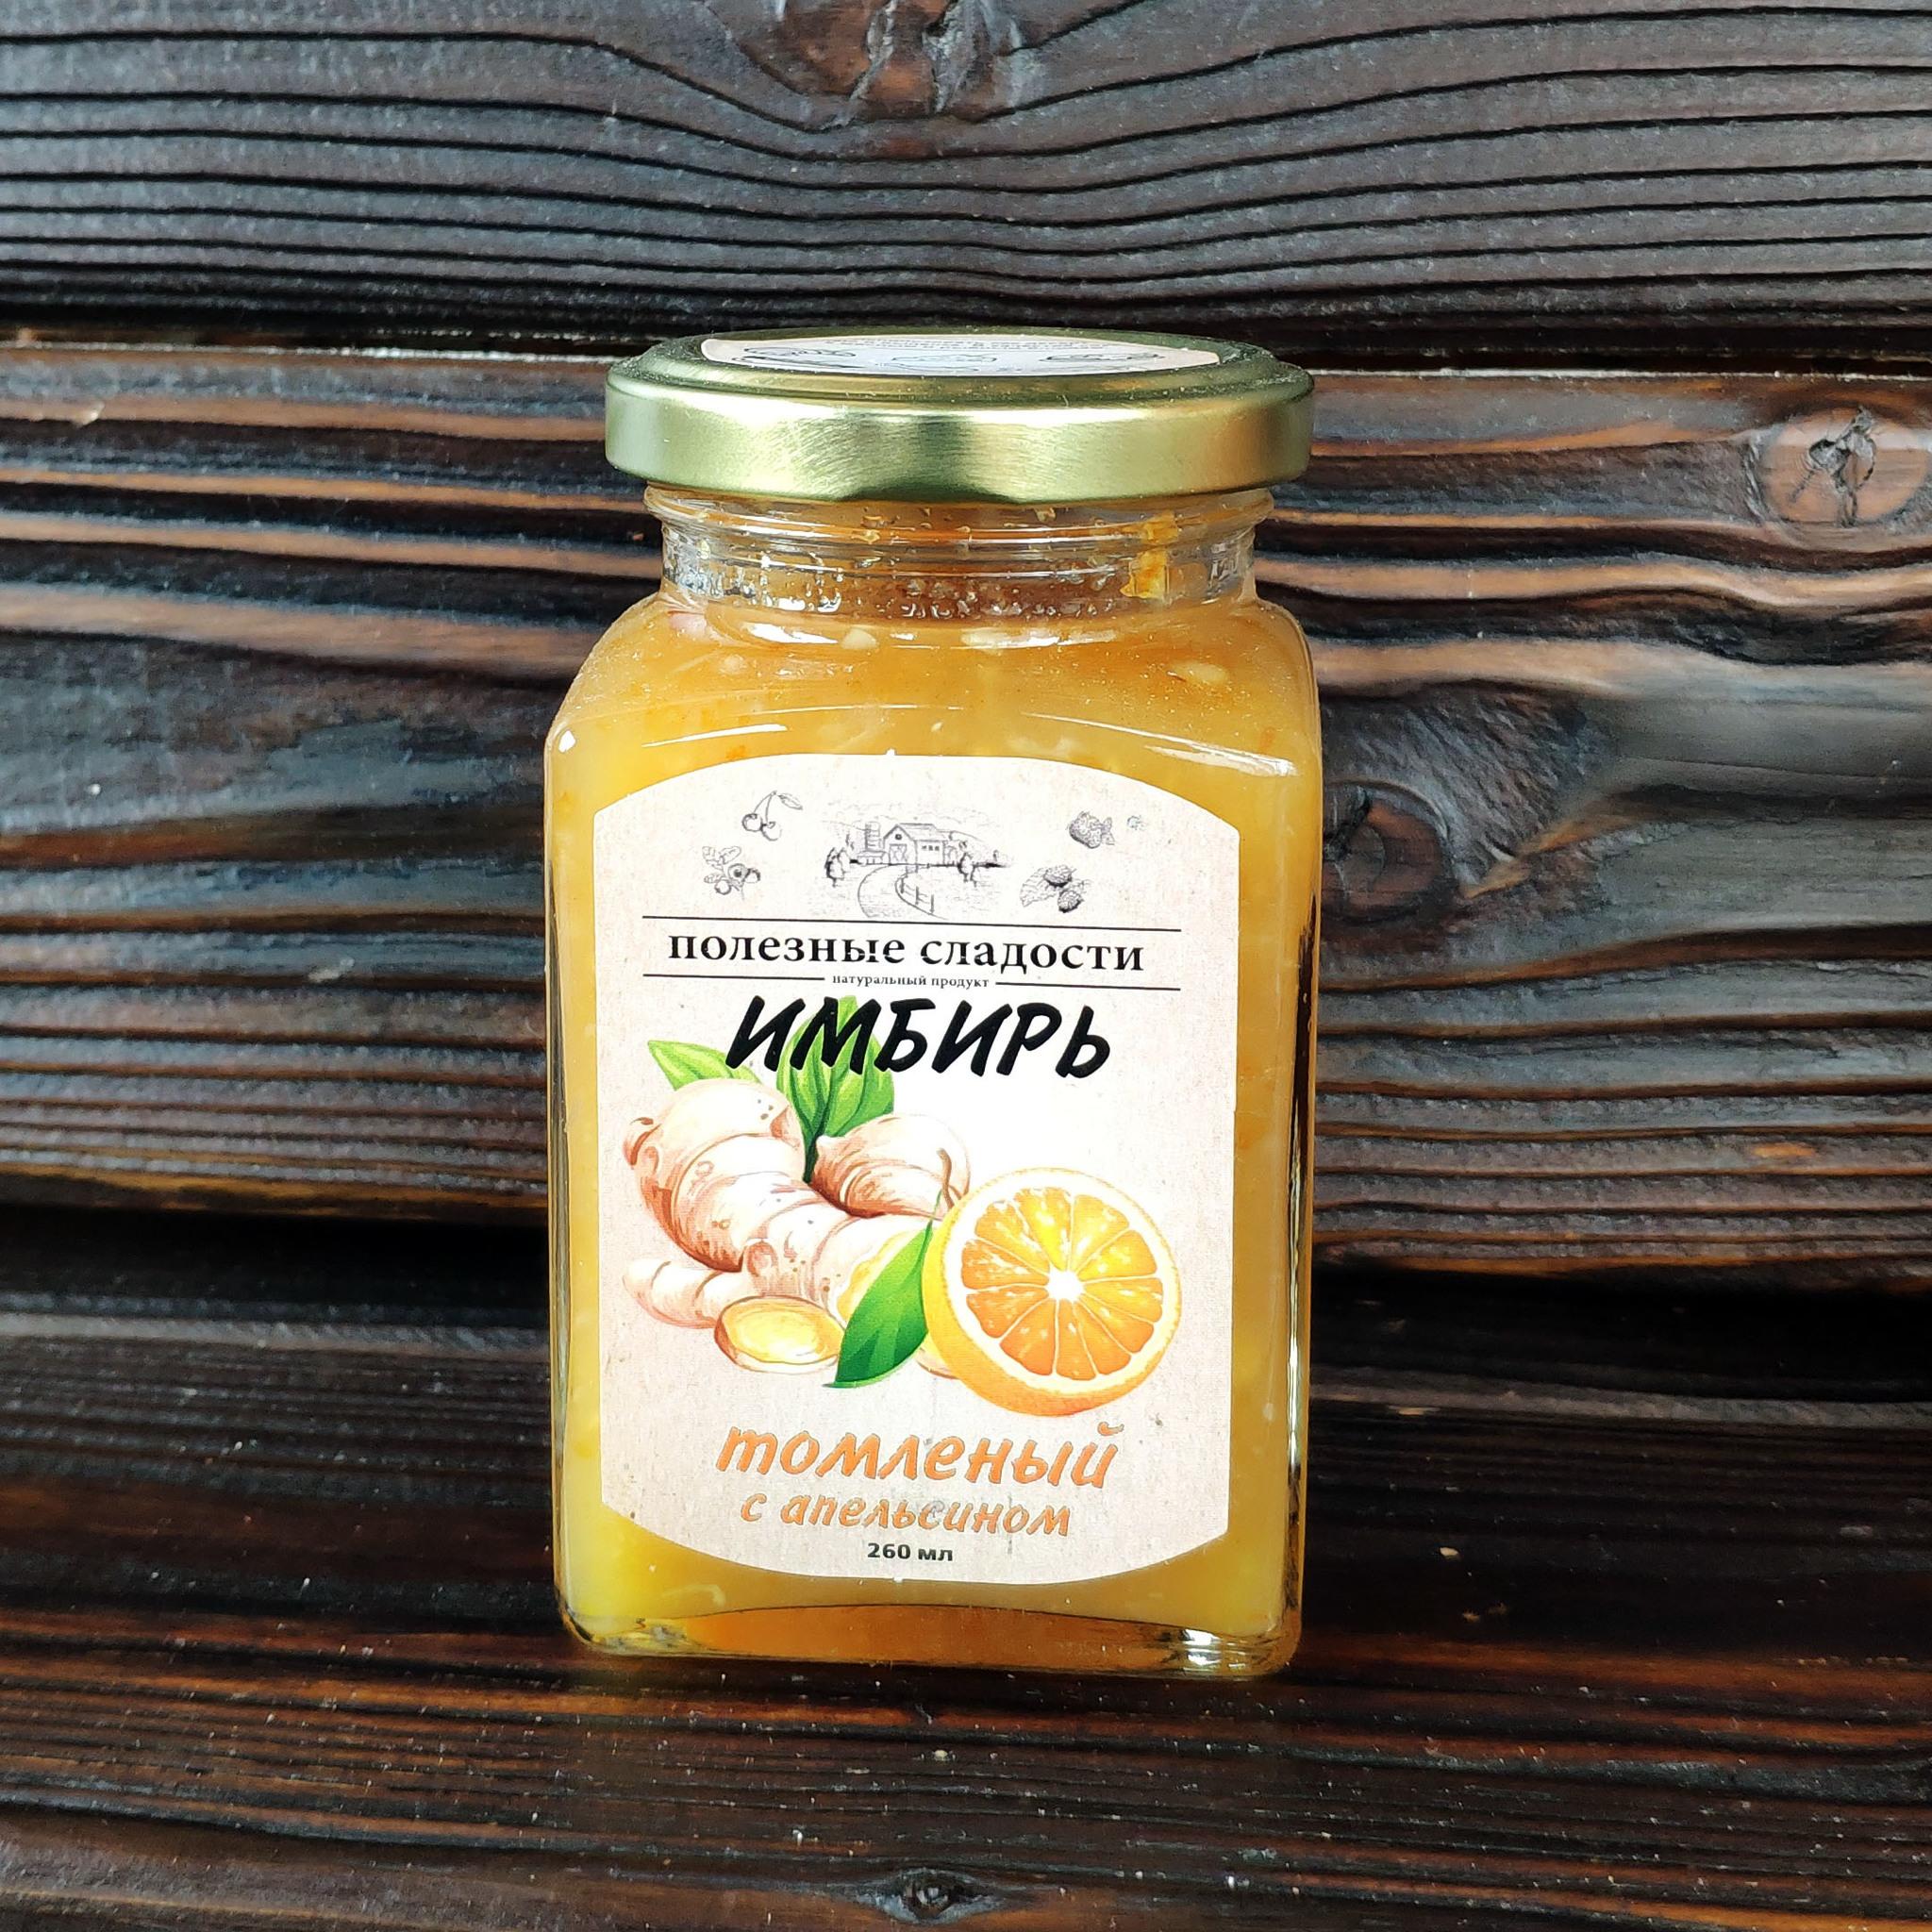 Фотография Имбирь томленый с апельсином / 260 мл купить в магазине Афлора